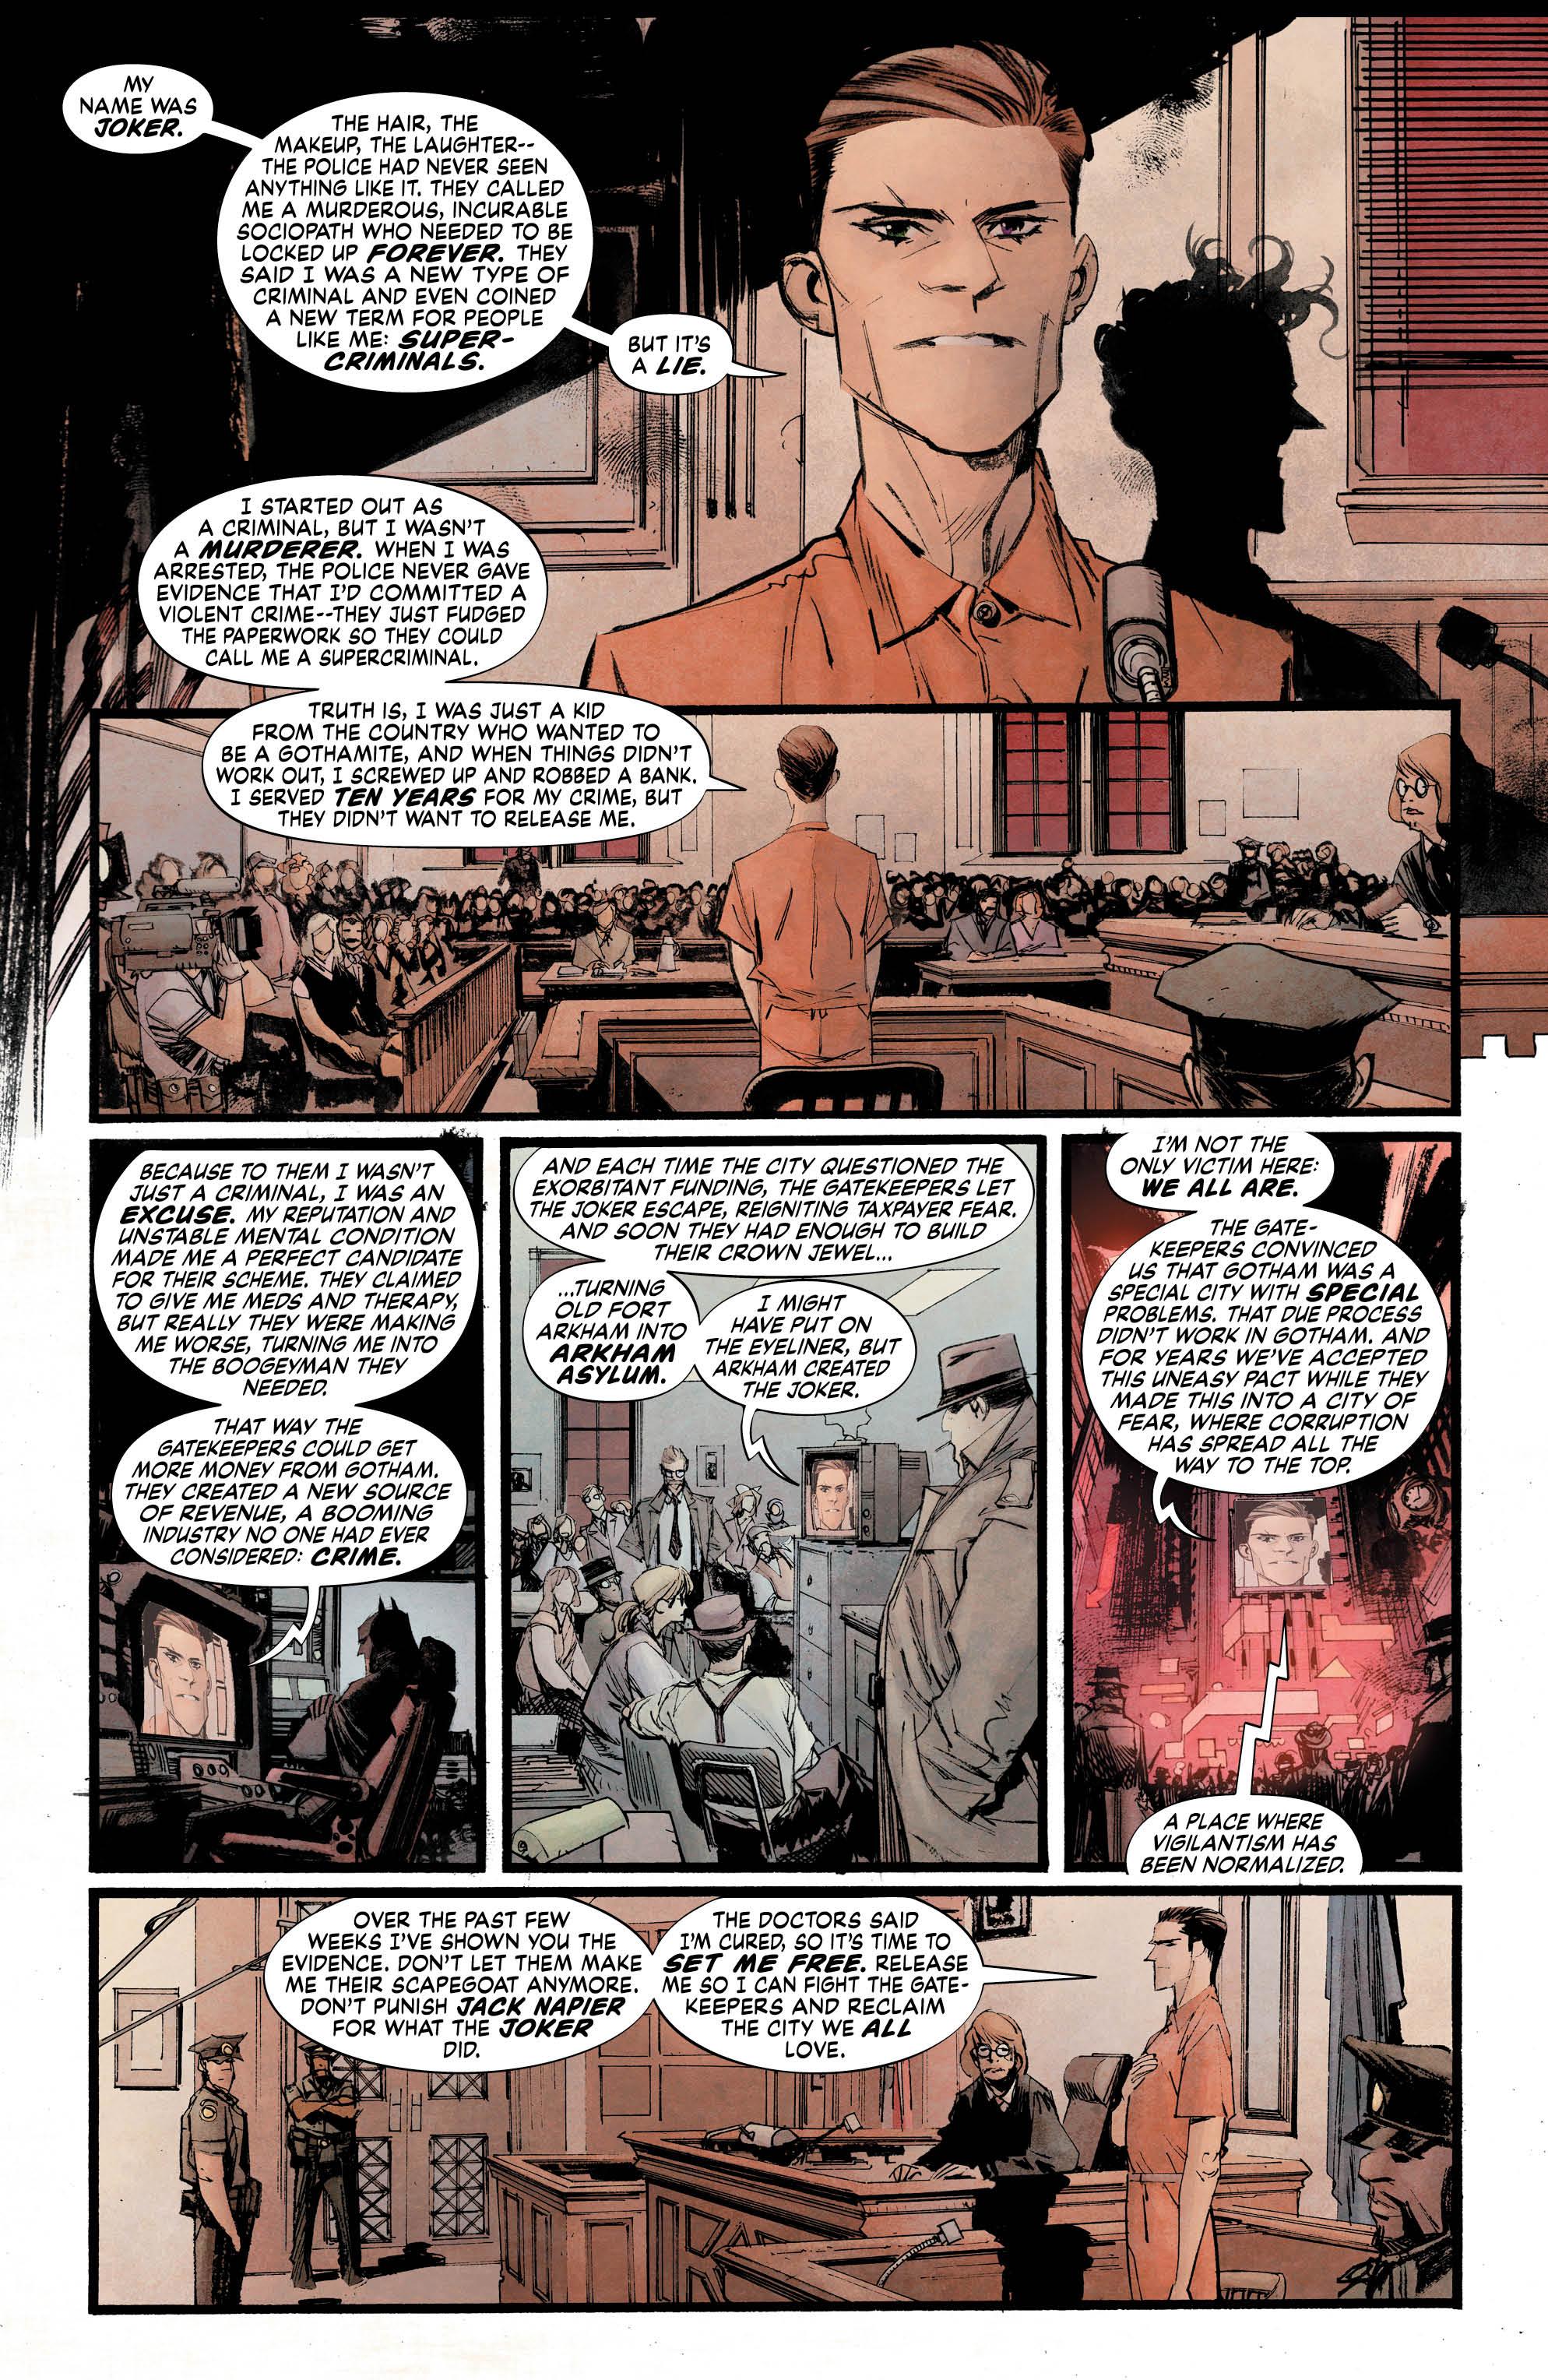 BMJKWK_2_1-1 - Bounding Into Comics